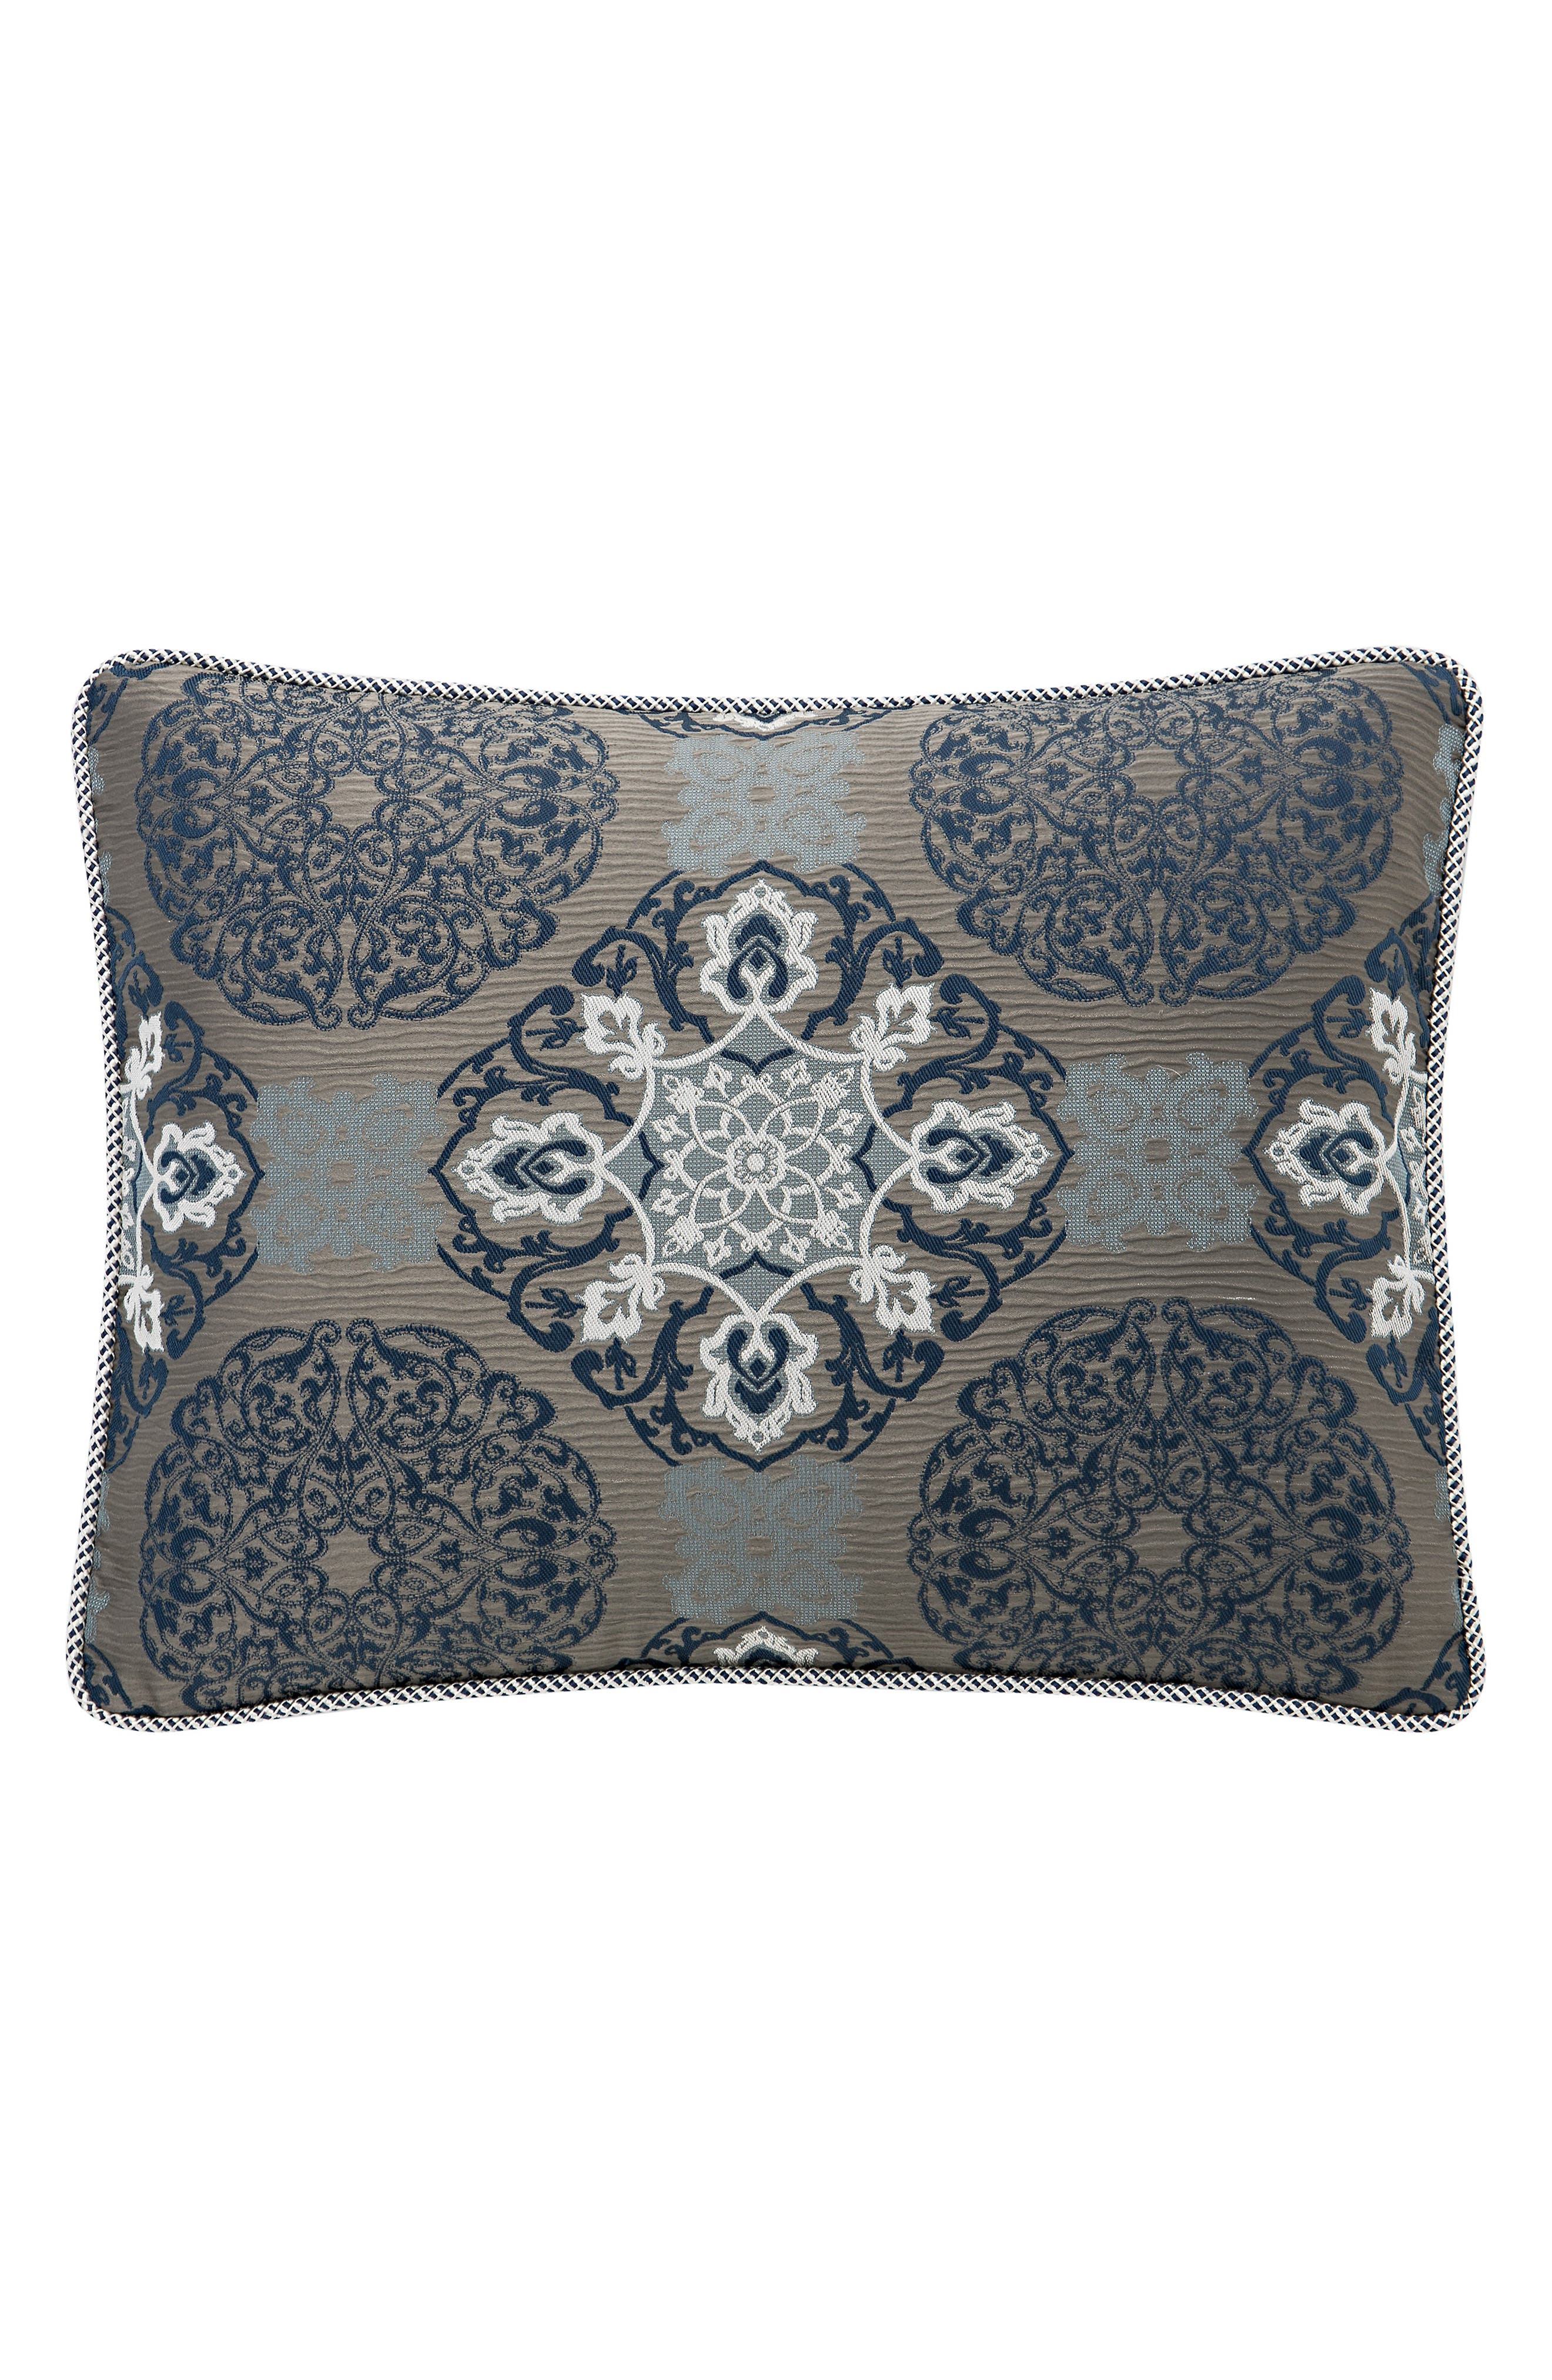 WATERFORD, Jonet Reversible Comforter, Sham & Bedskirt Set, Alternate thumbnail 6, color, INDIGO